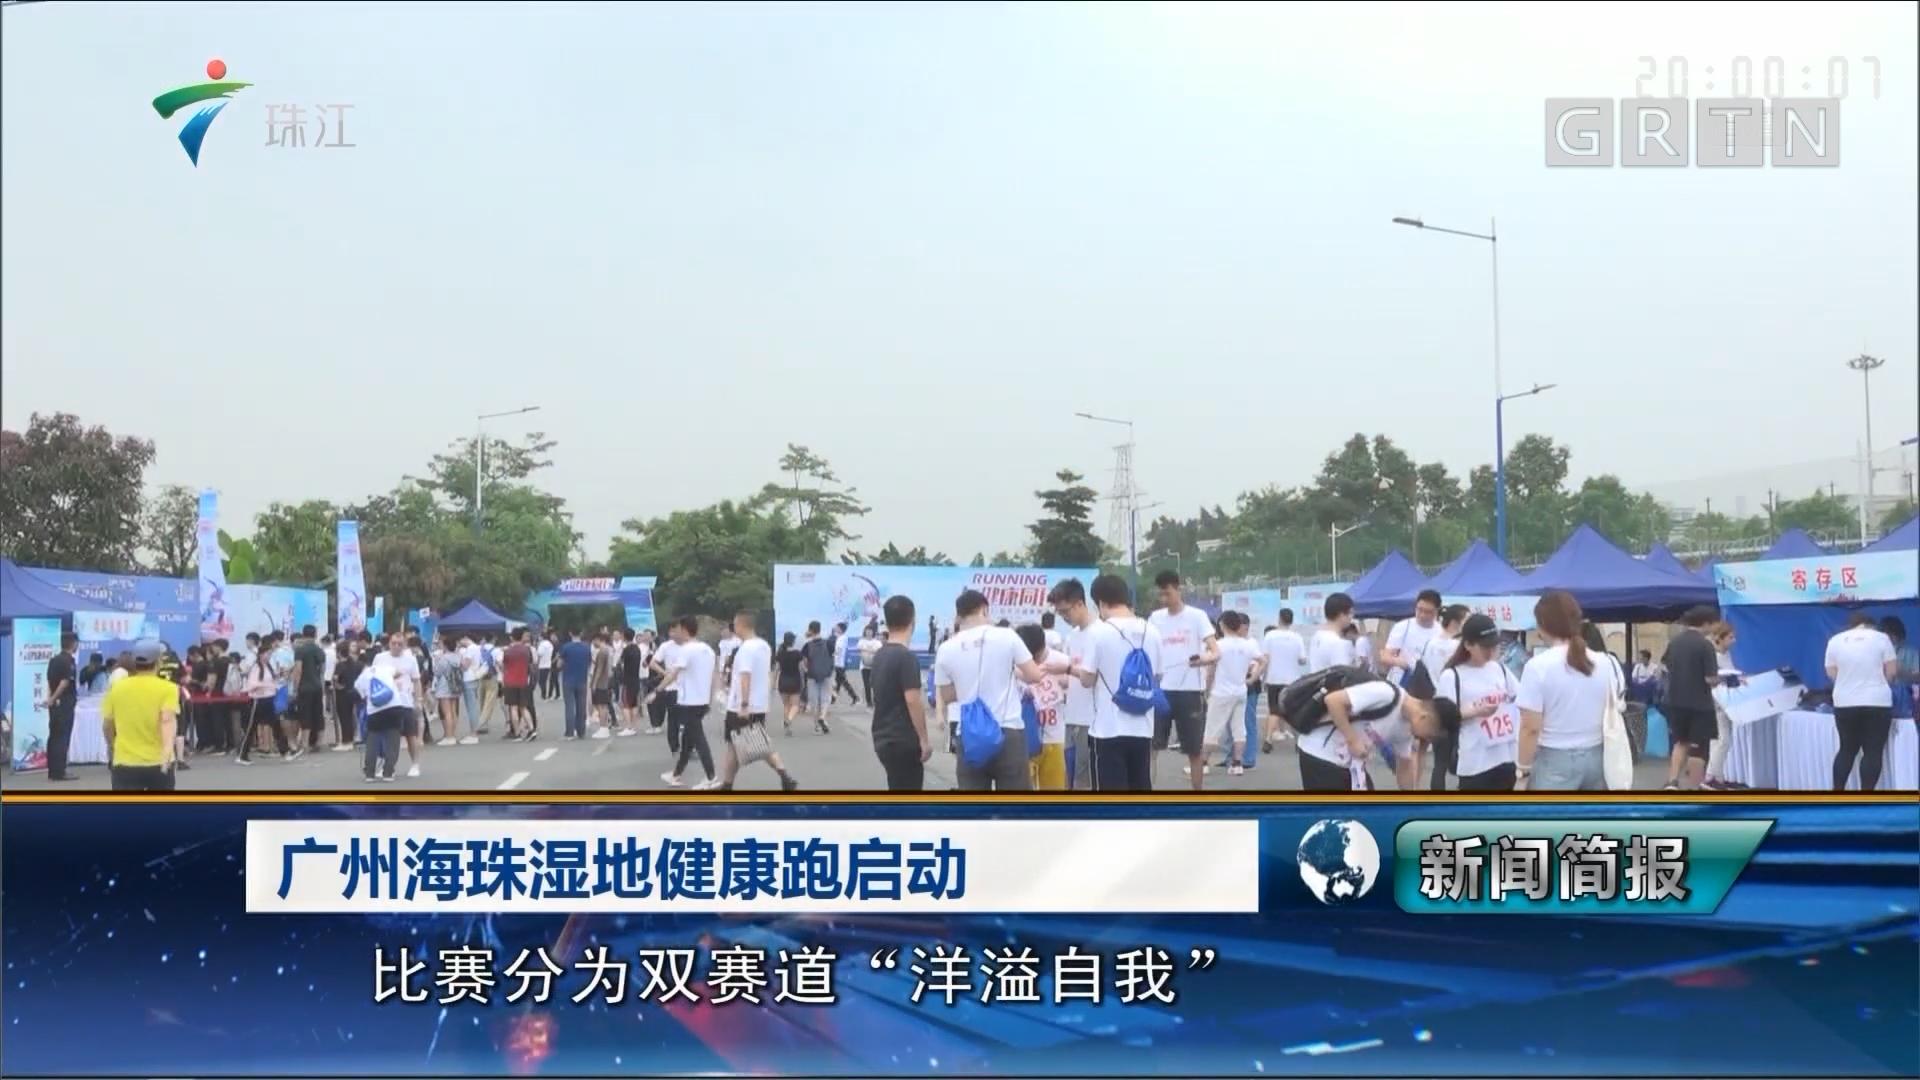 广州海珠湿地健康跑启动